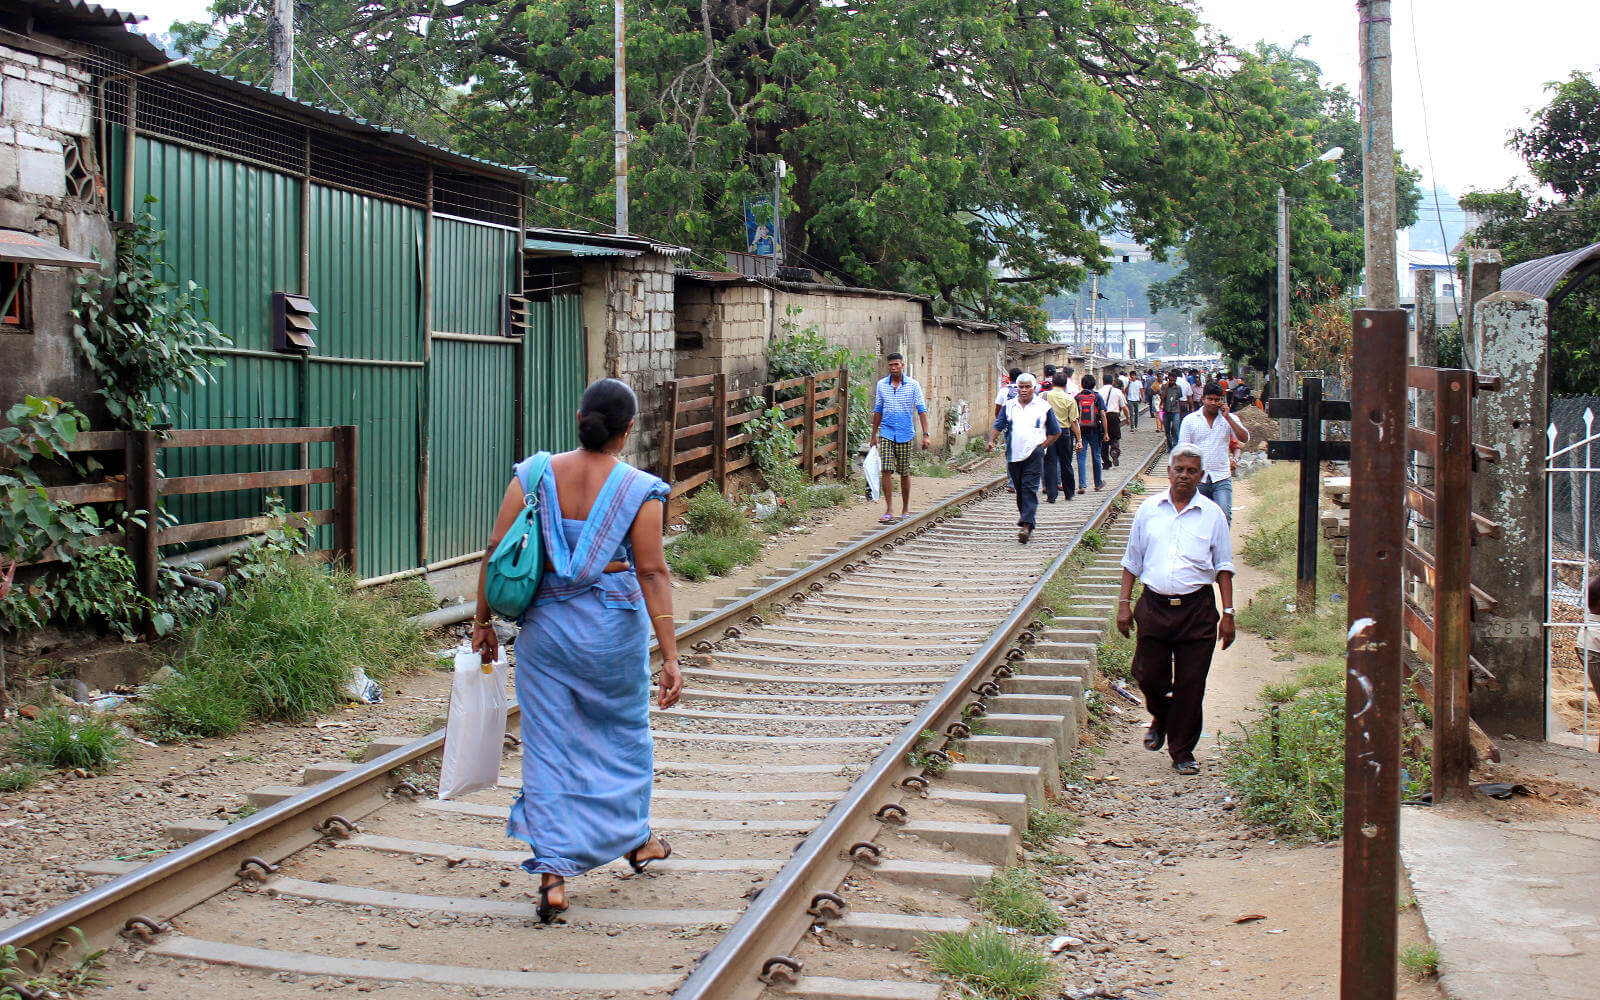 Spaziergang auf den Gleisen